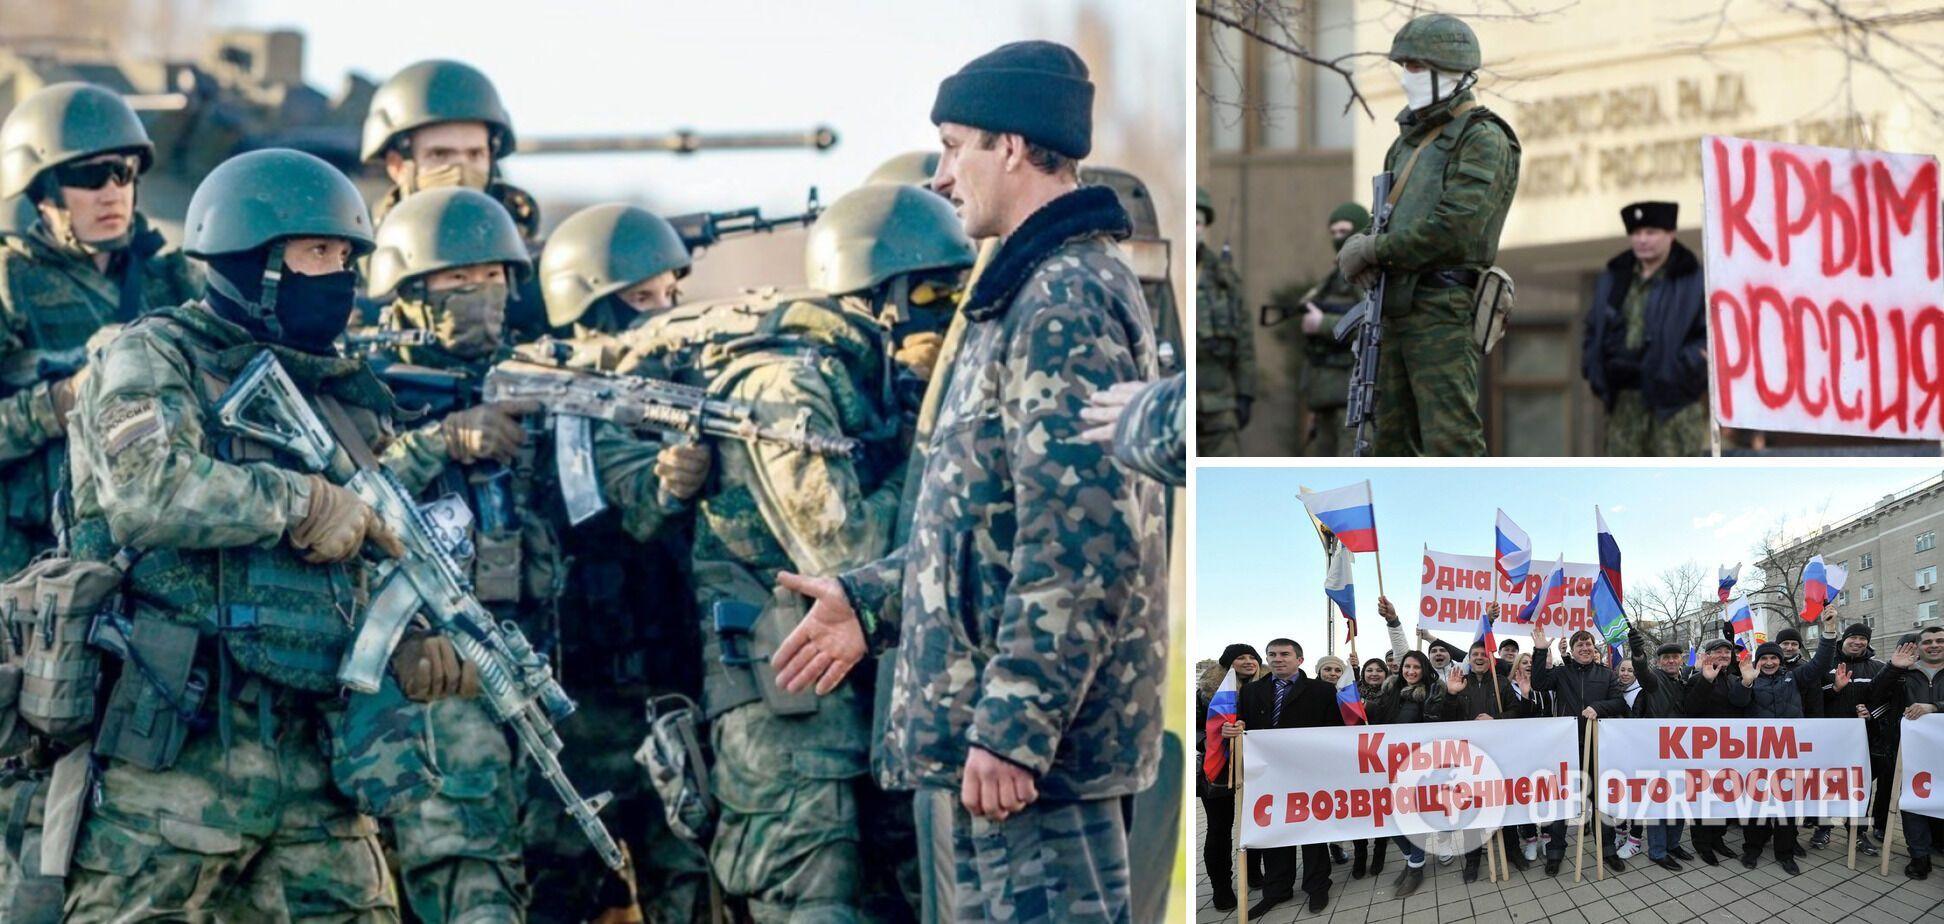 Міф про 'російський Крим'. Як спецслужби РФ 20 років готували окупацію